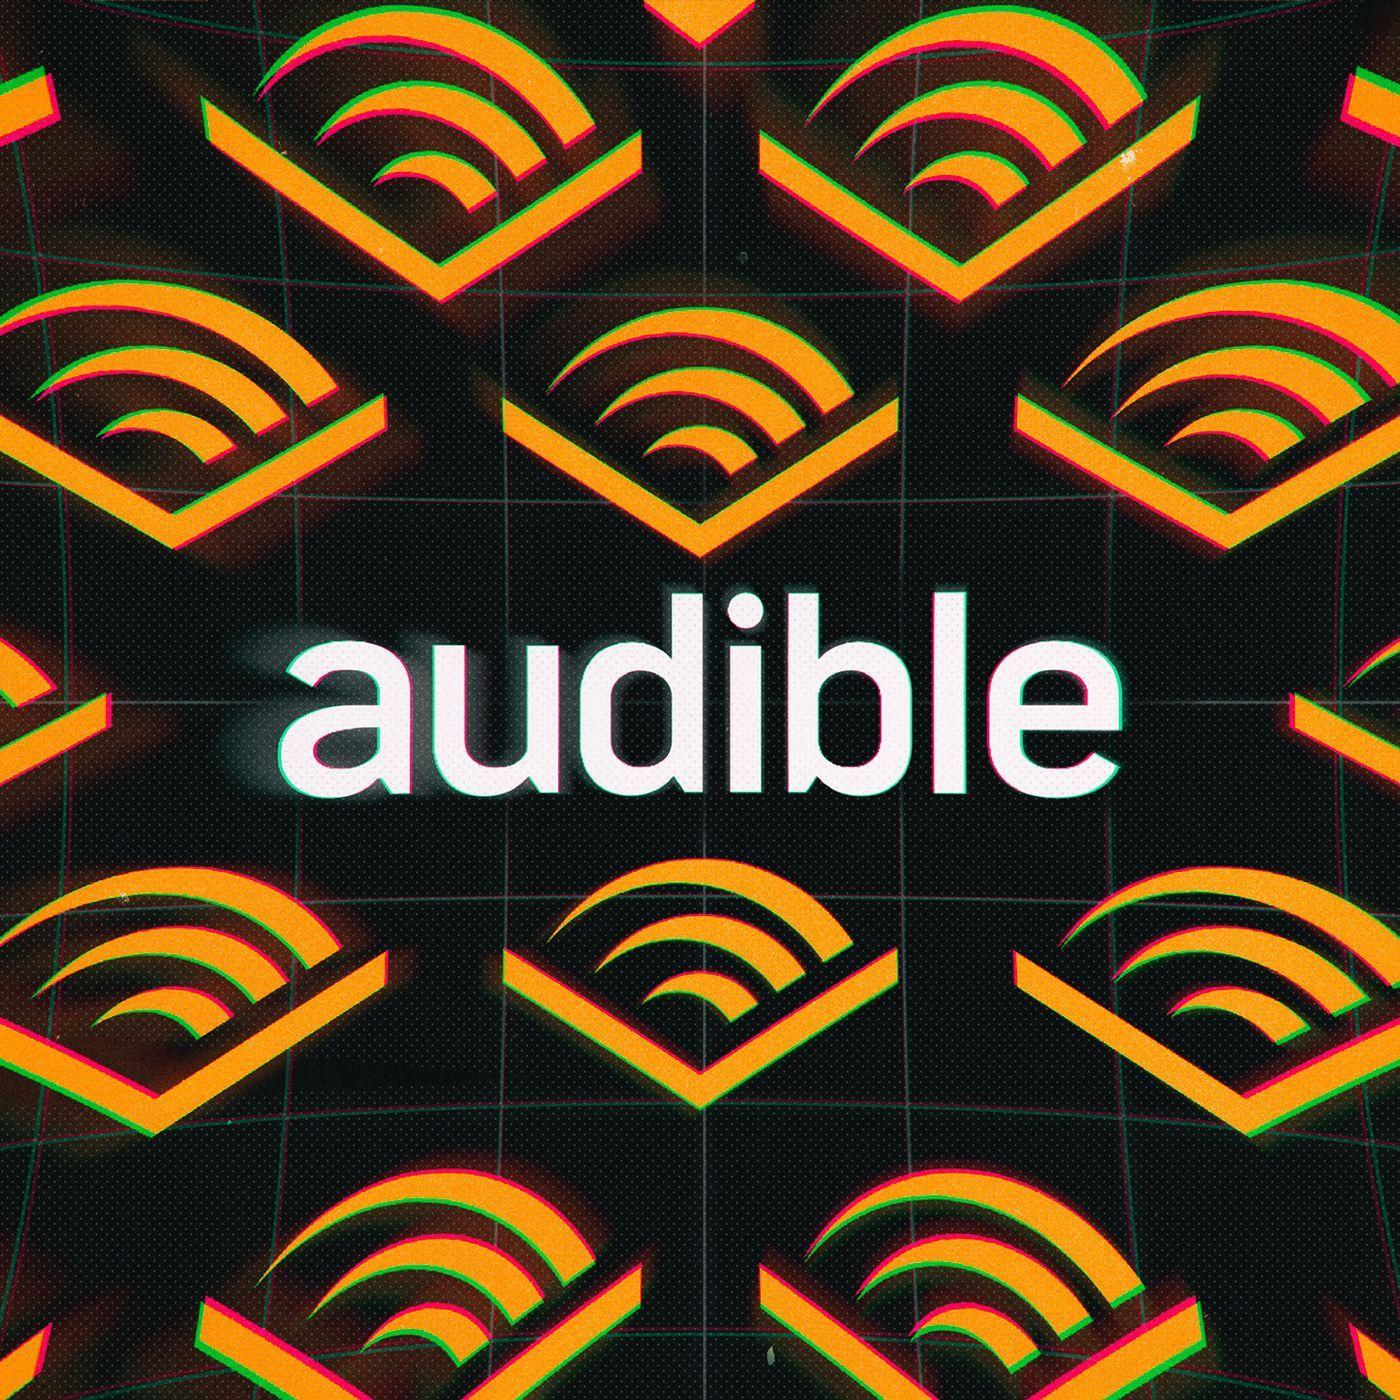 Zwei Monate Audible für Echo Dot Besitzer gratis (für Audible-Neukunden / tlw. inaktive Accounts)